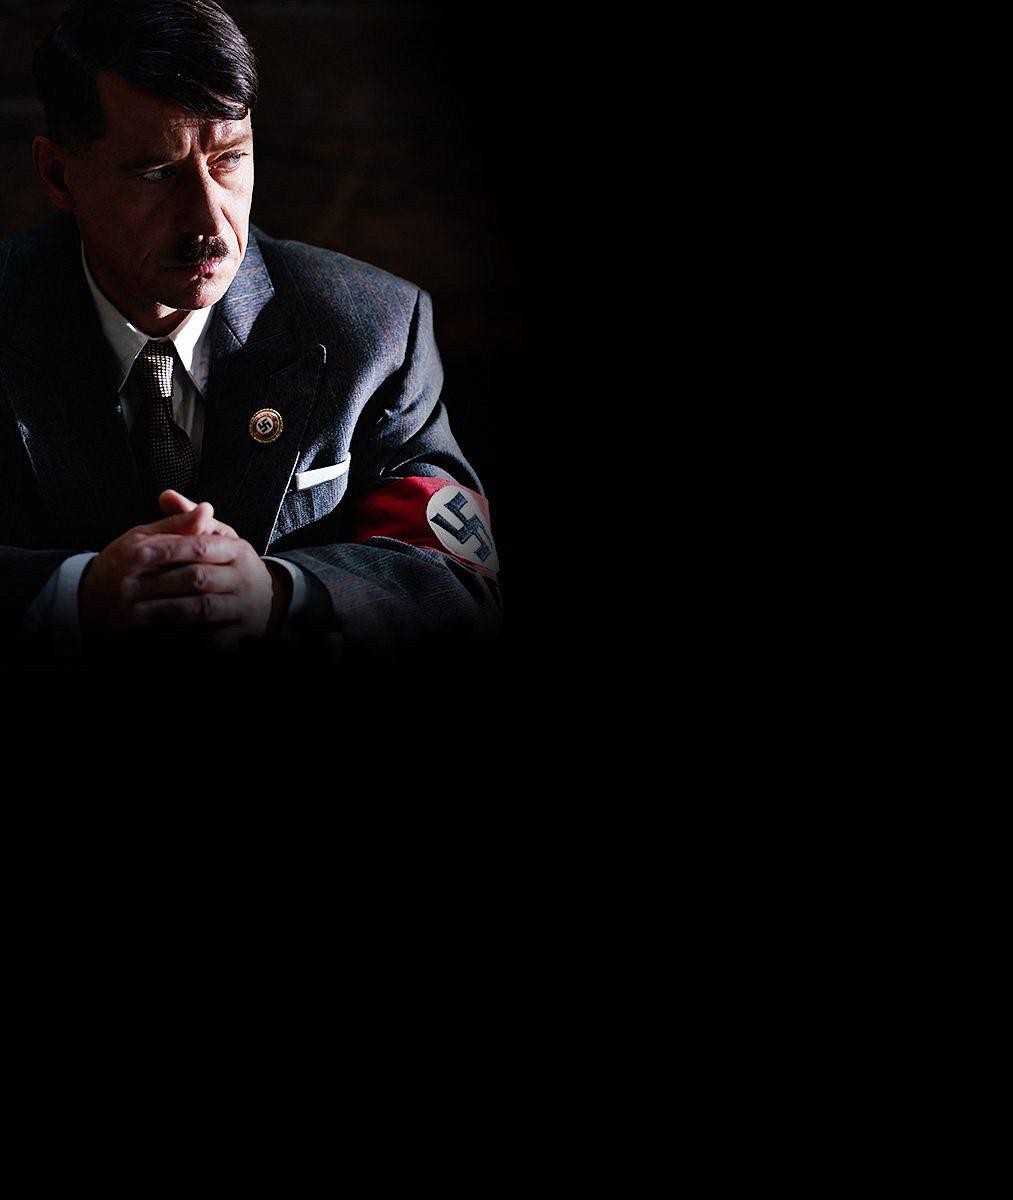 Hrůza a děs, nebo paráda? Viktor Preiss prý zprznil Goebbelse. Mrkněte, jestli fakt není lepší v němčině